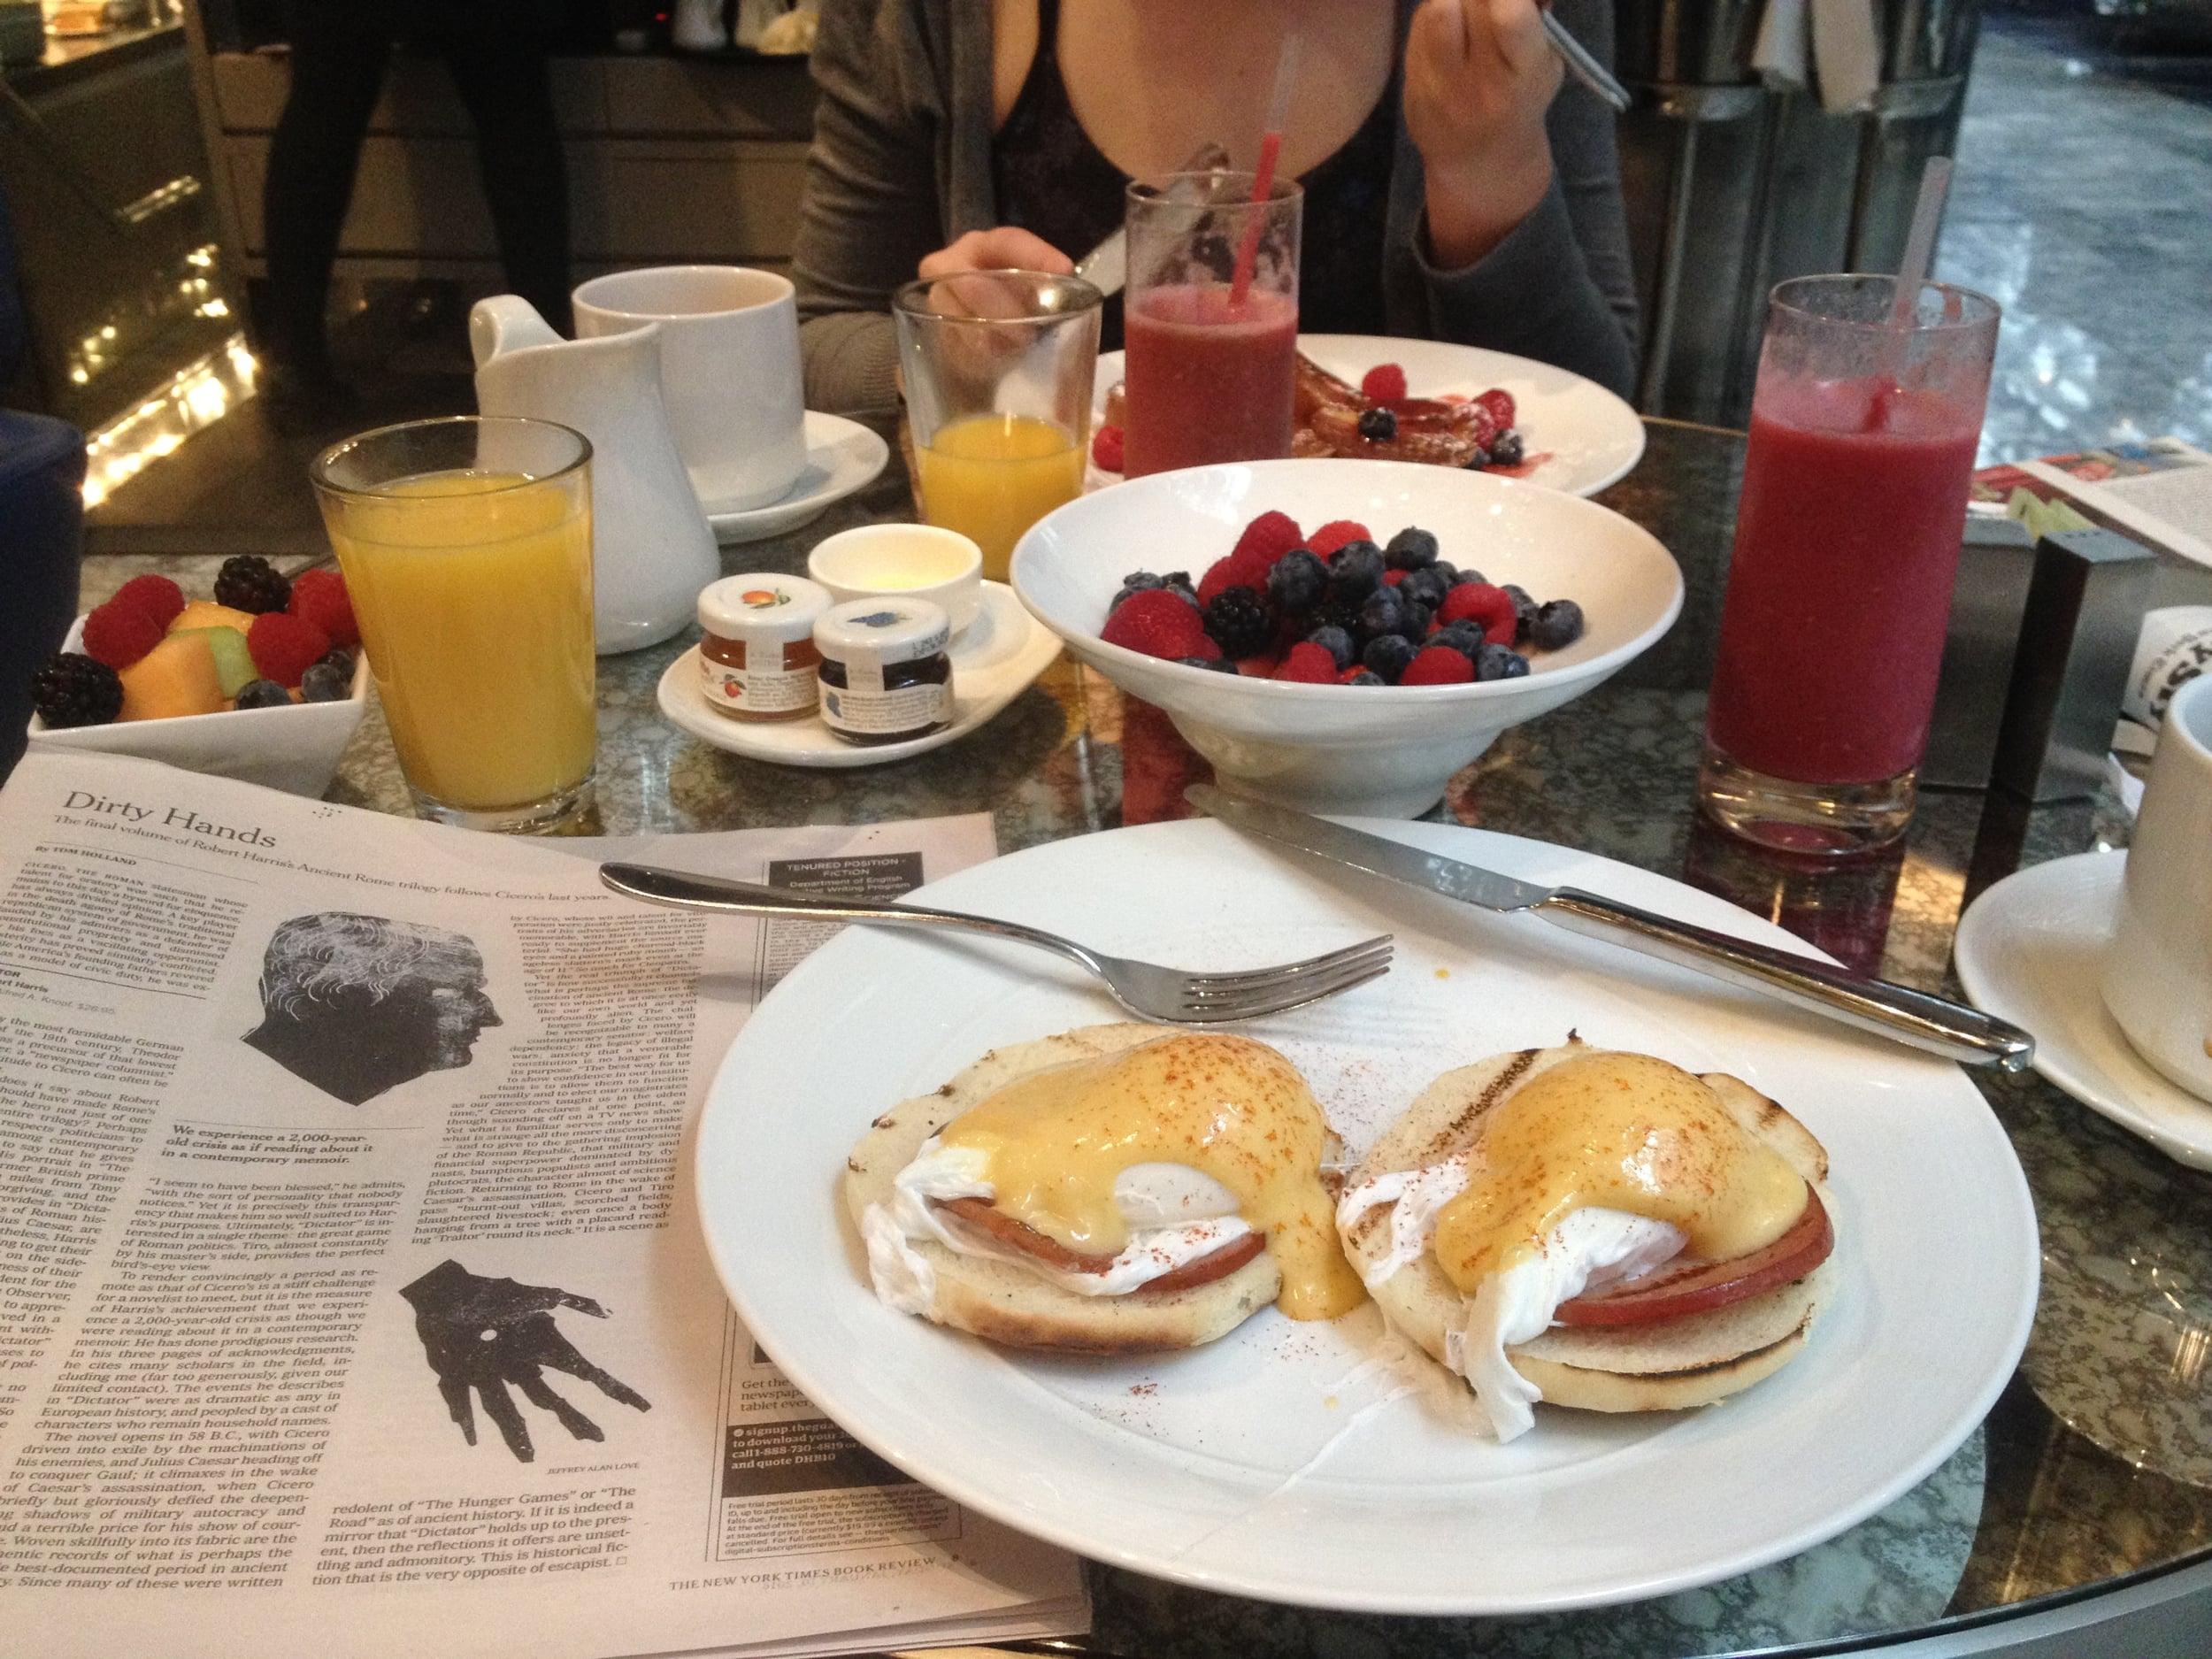 grand-hyatt-breakfast.jpg